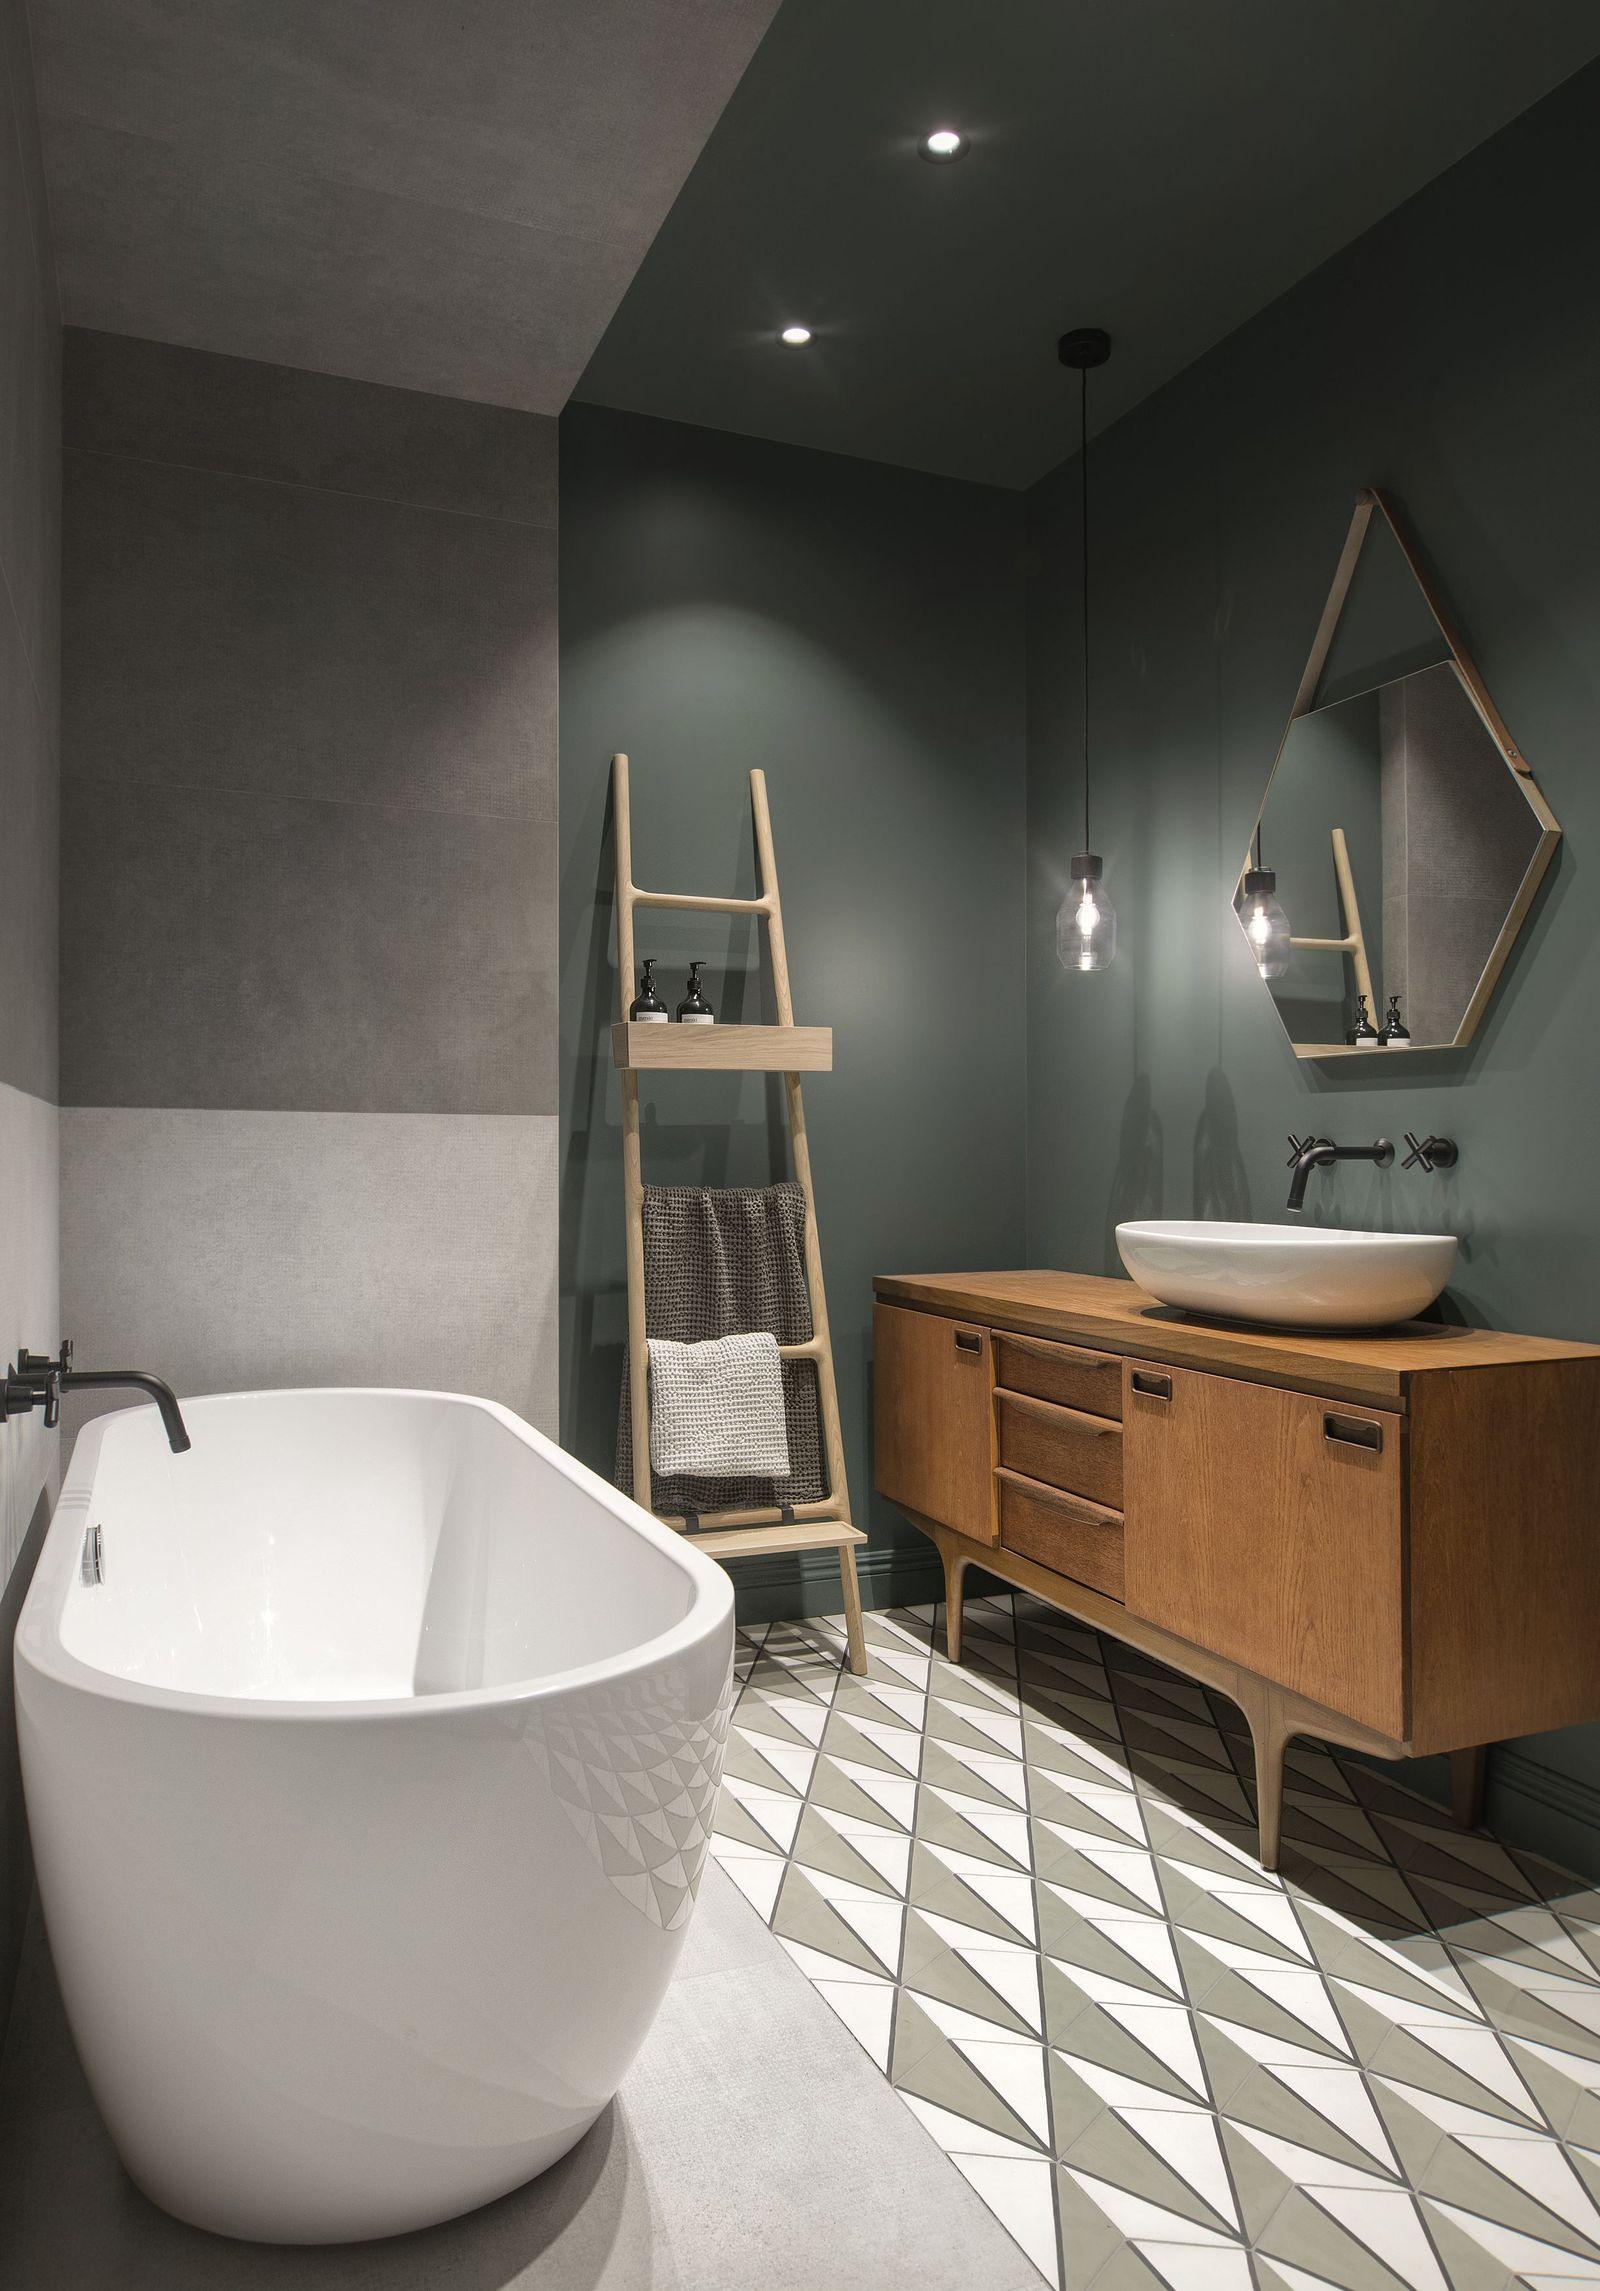 Interior Kg Int2 Architecture Archello Bathroom Freestanding Bathroom Interior Bathroom Inspiration